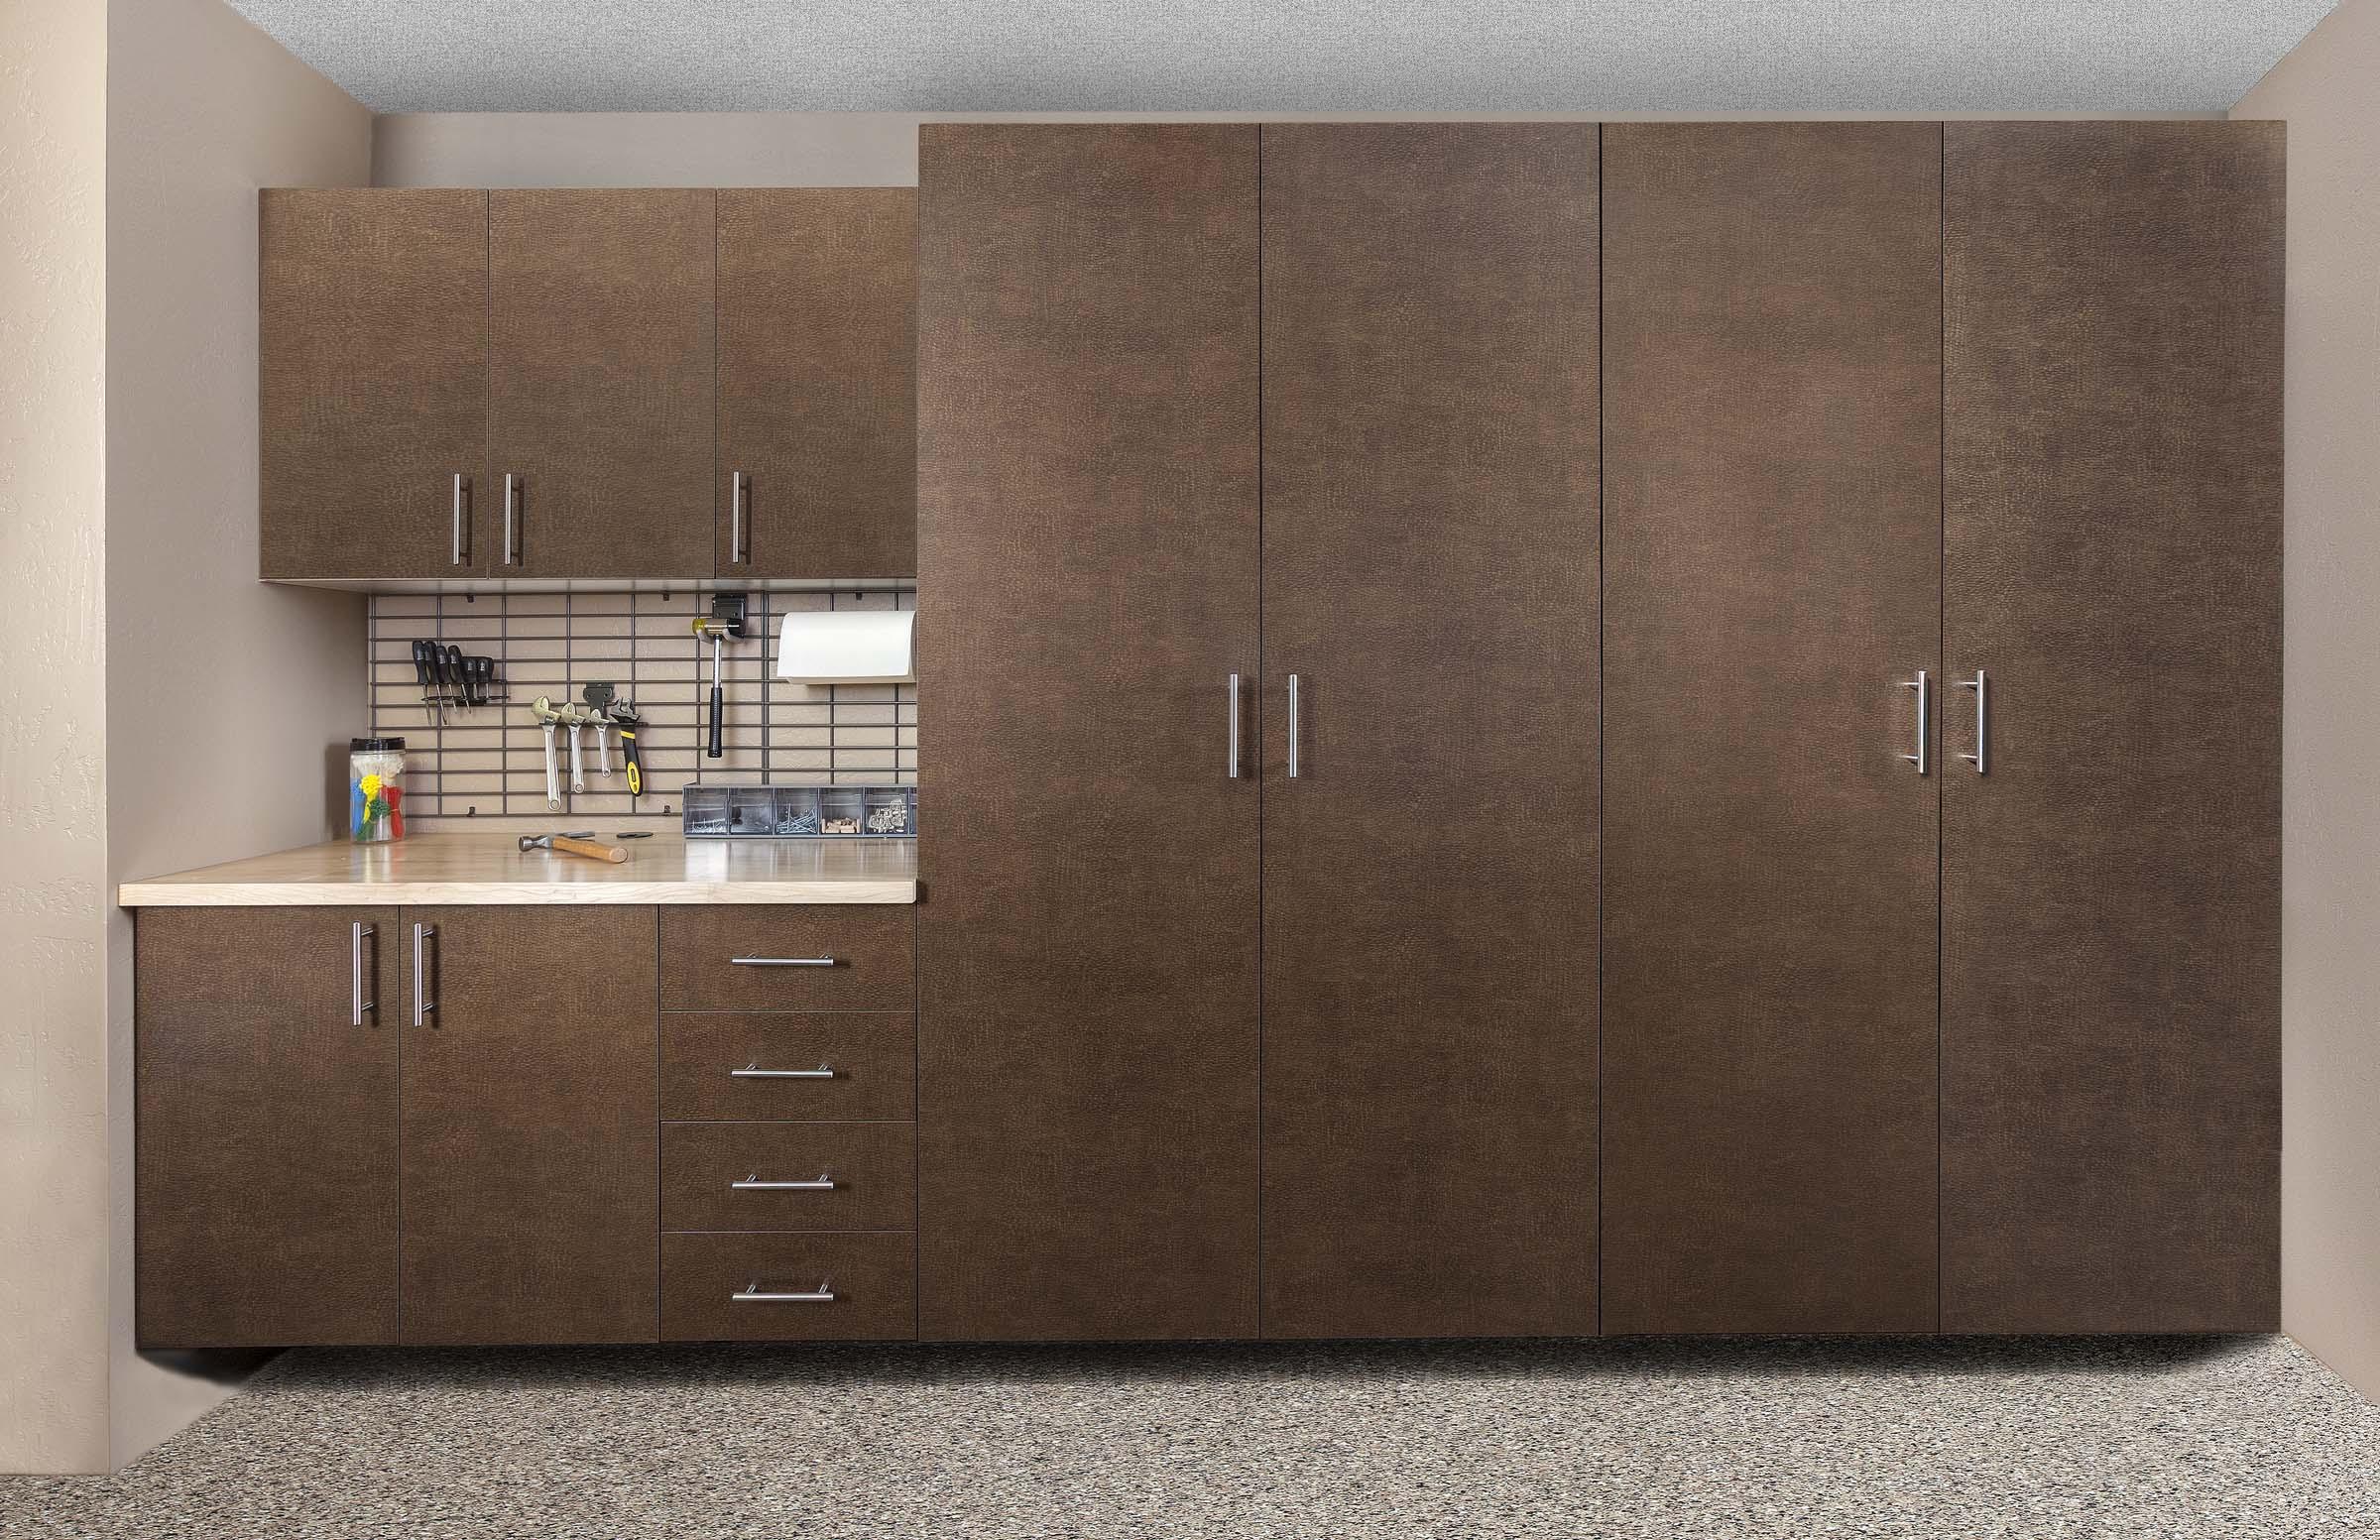 Bronze Cabinet-Butcher Block-Grid